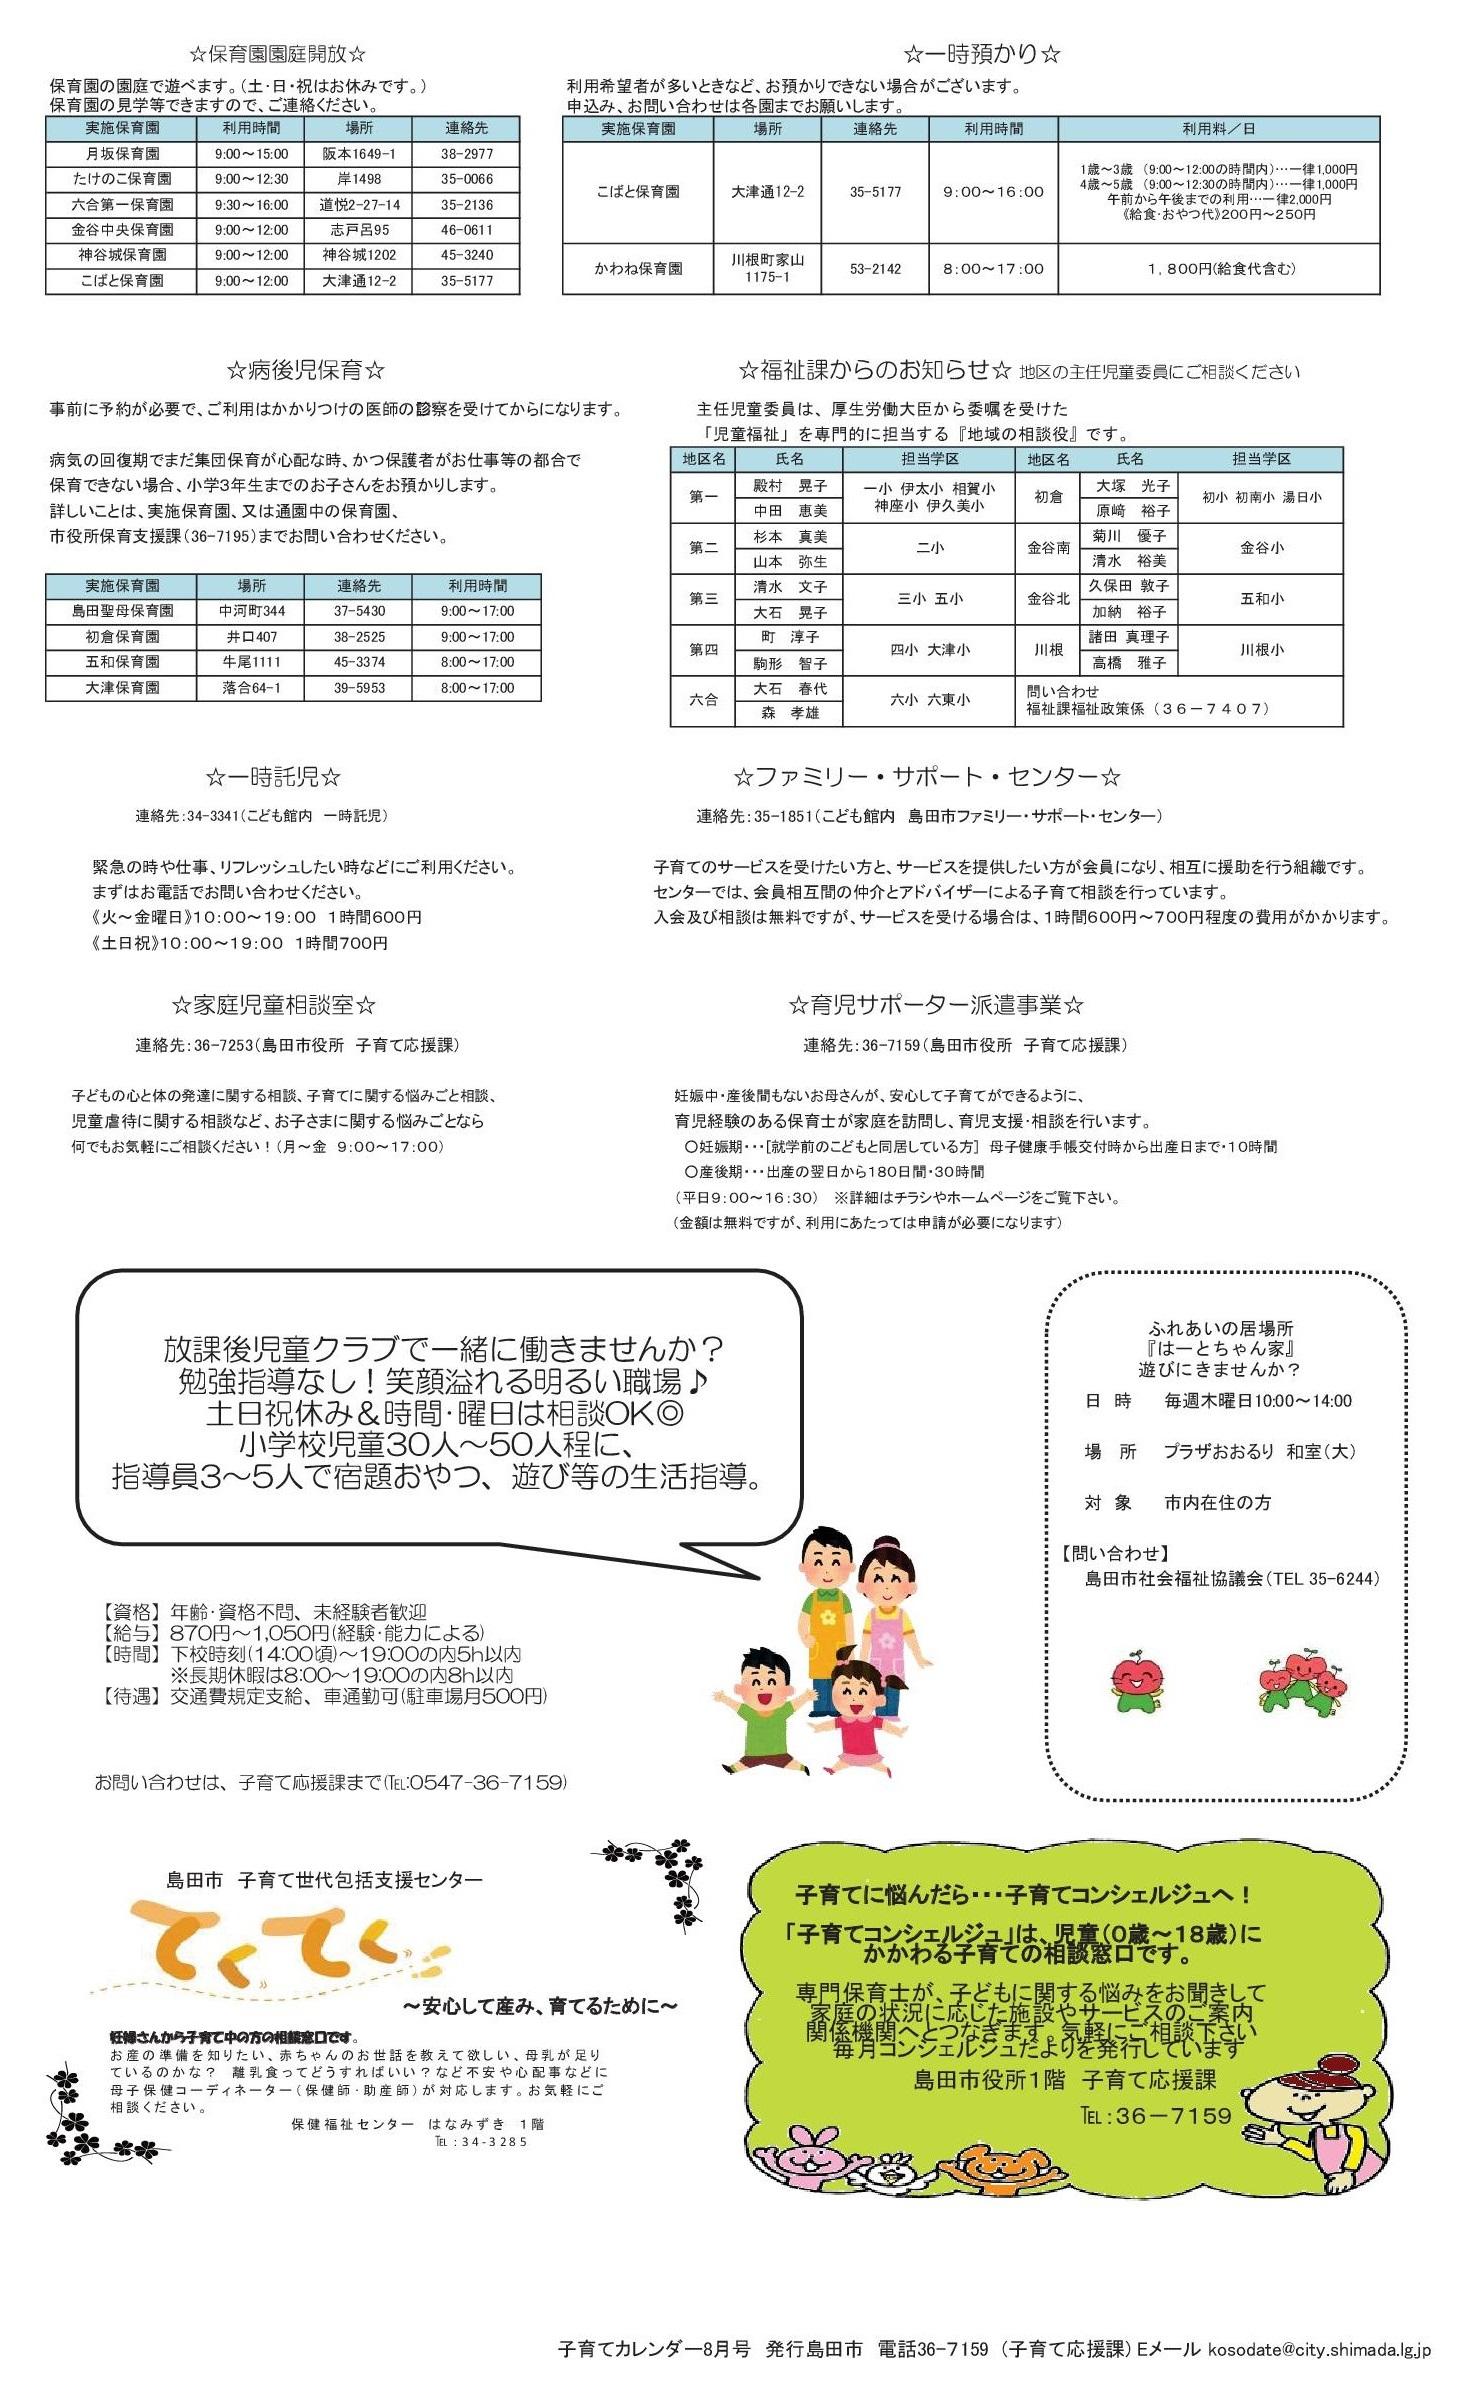 令和元年8月子育てカレンダー - コピー